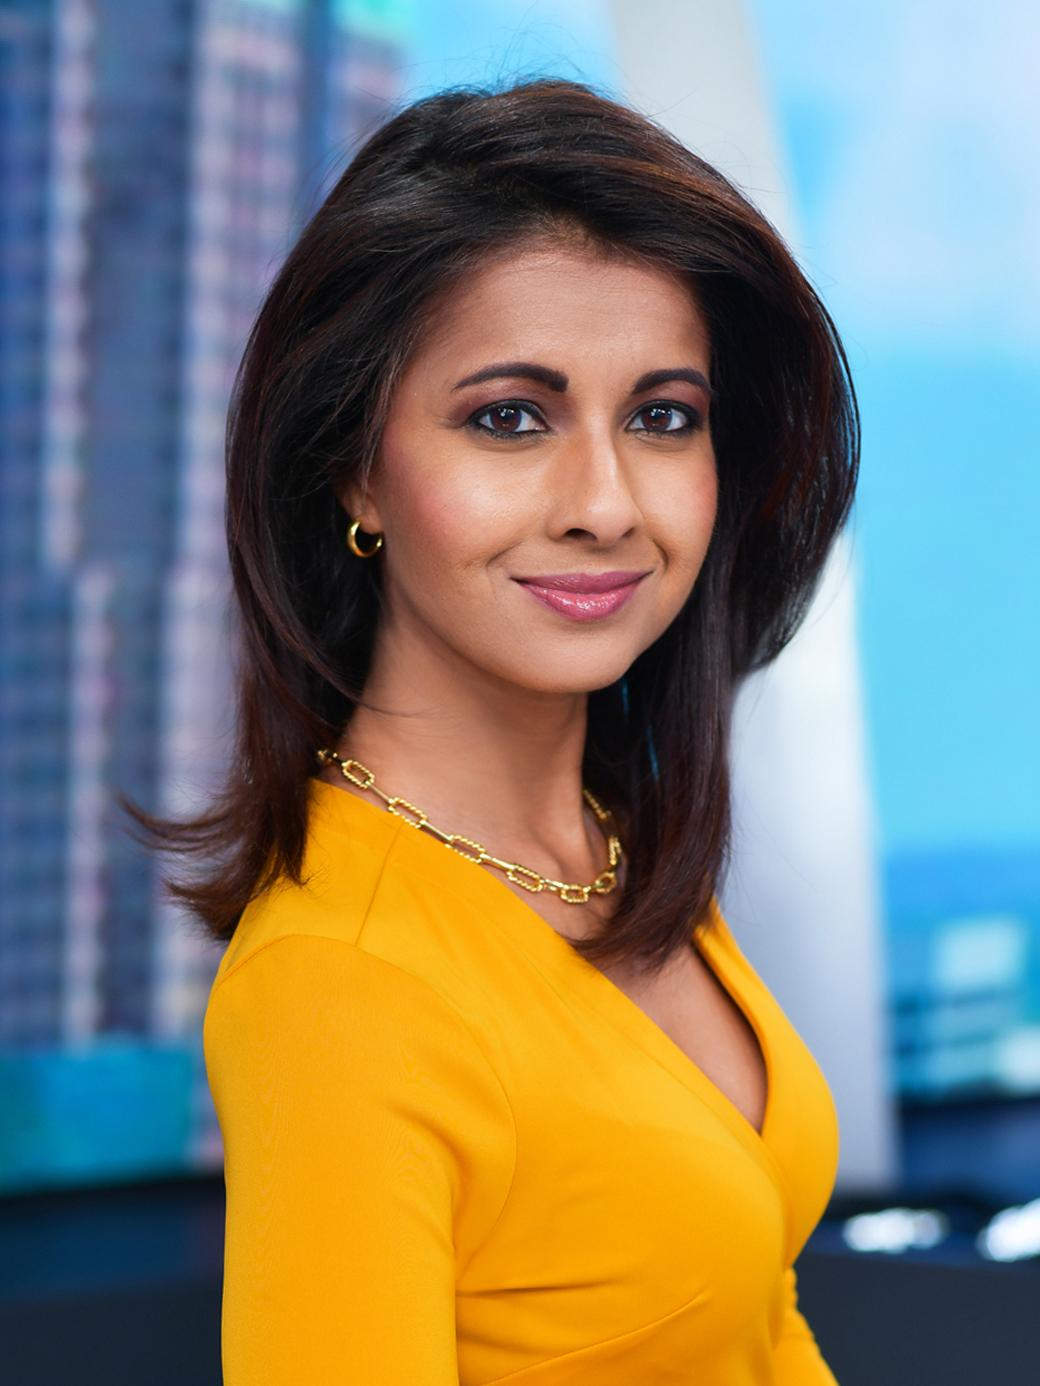 Jasmine Huda